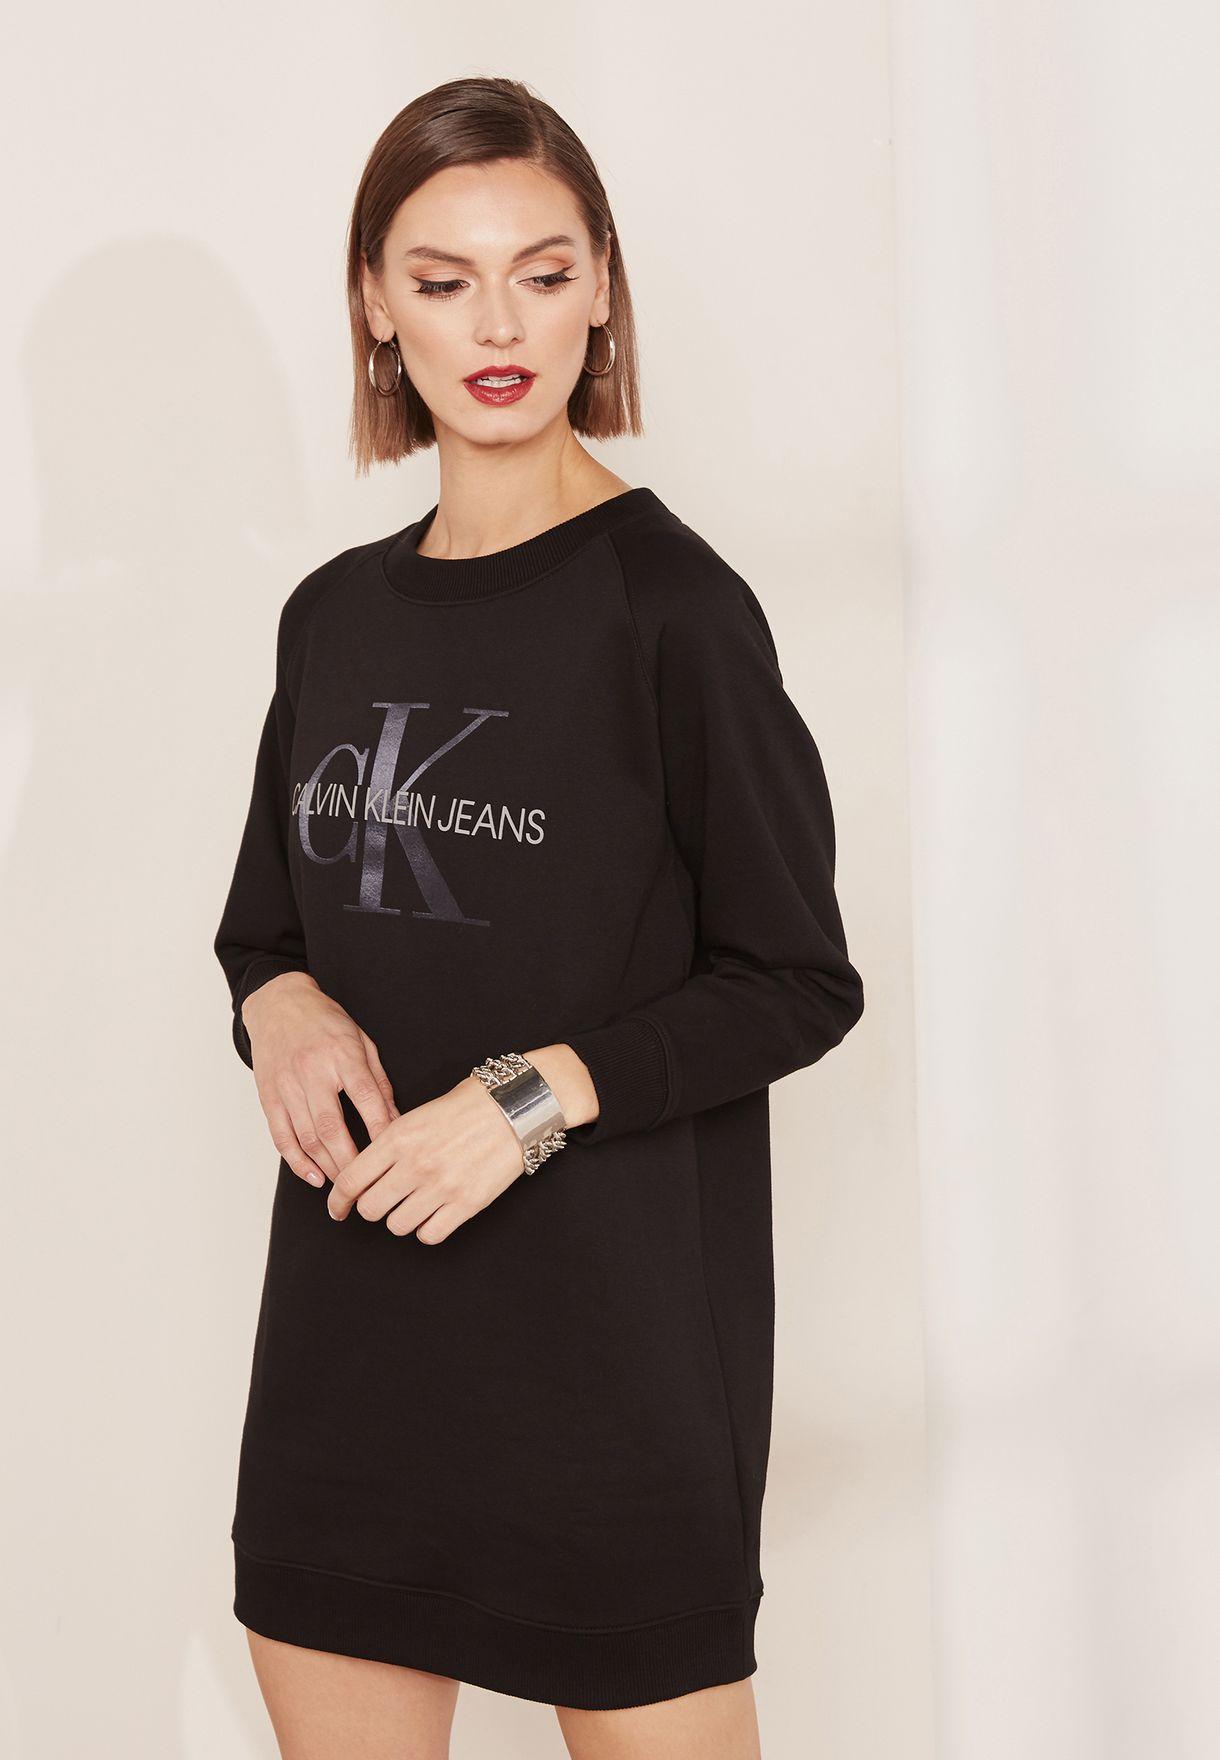 ff6511ec2b6 Shop Calvin Klein Jeans black Logo Sweatshirt Dress J20J209536 for ...